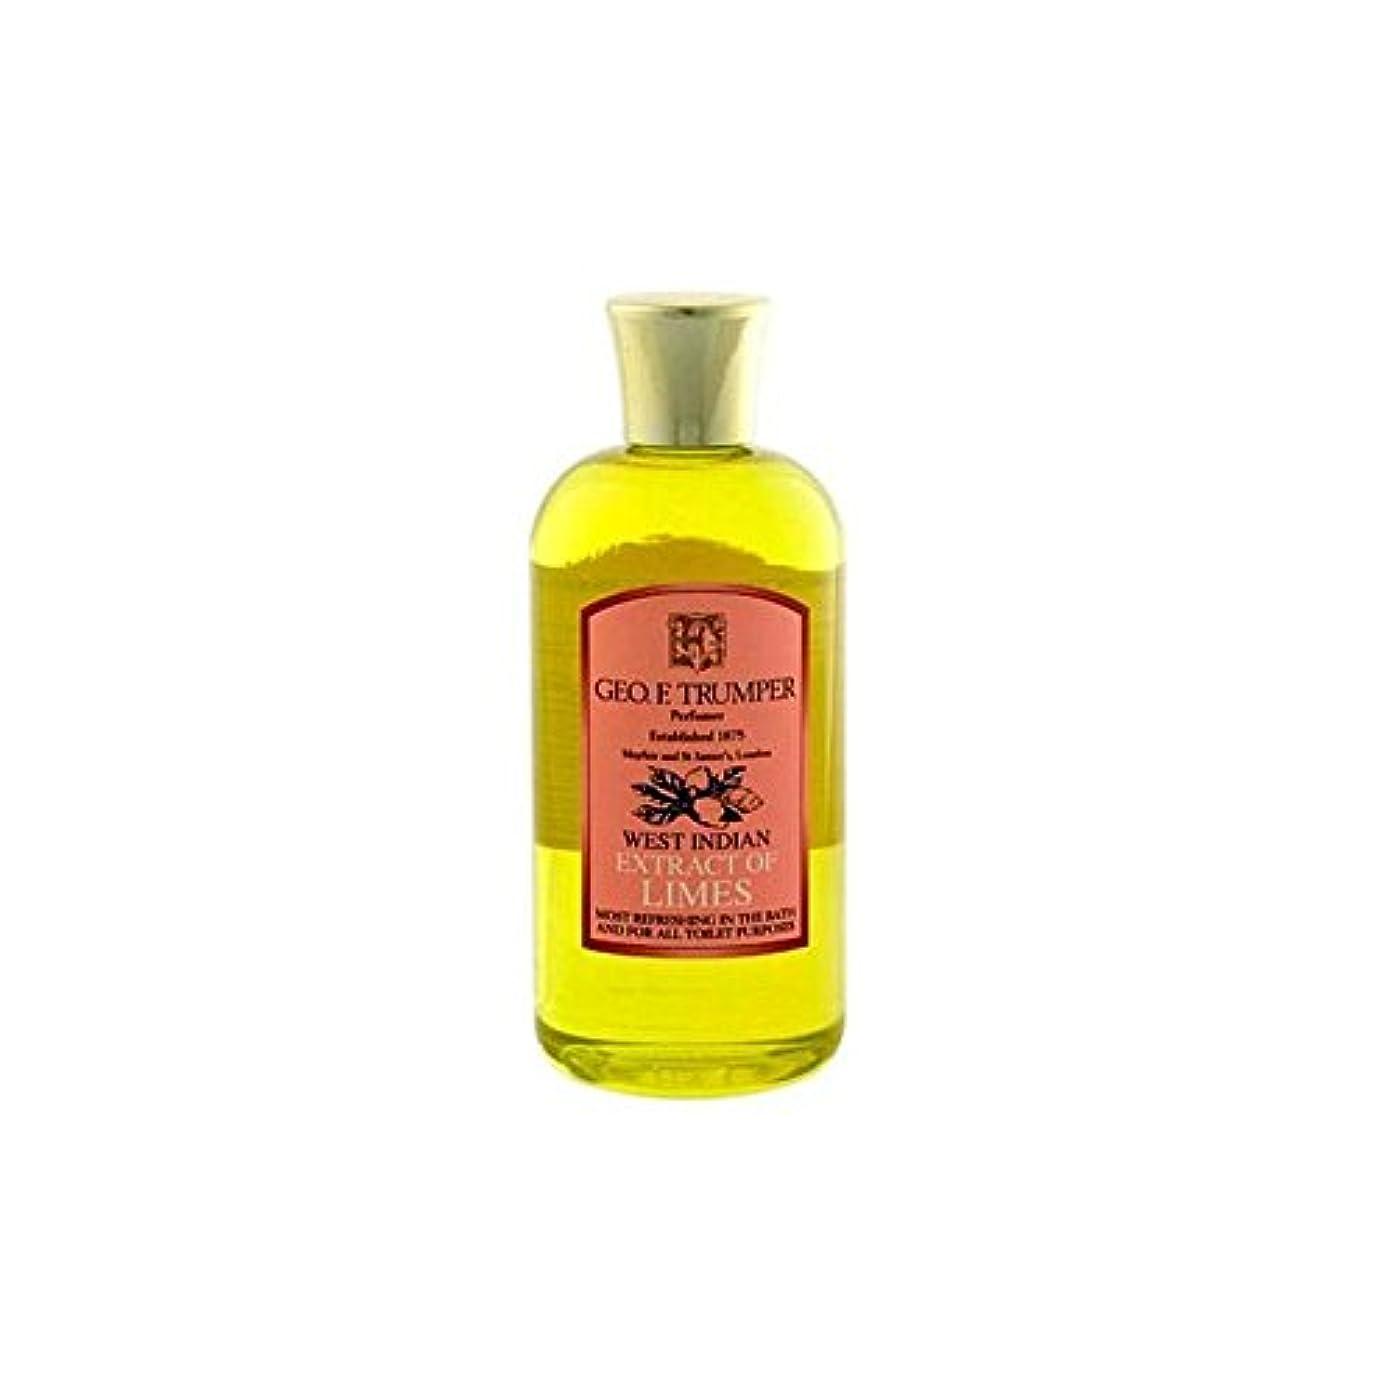 ドレインデザート指標Trumpers Extracts of Limes Bath and Shower Gel 200ml (Pack of 6) - ライムのバスタブとシャワージェル200の抽出物を x6 [並行輸入品]